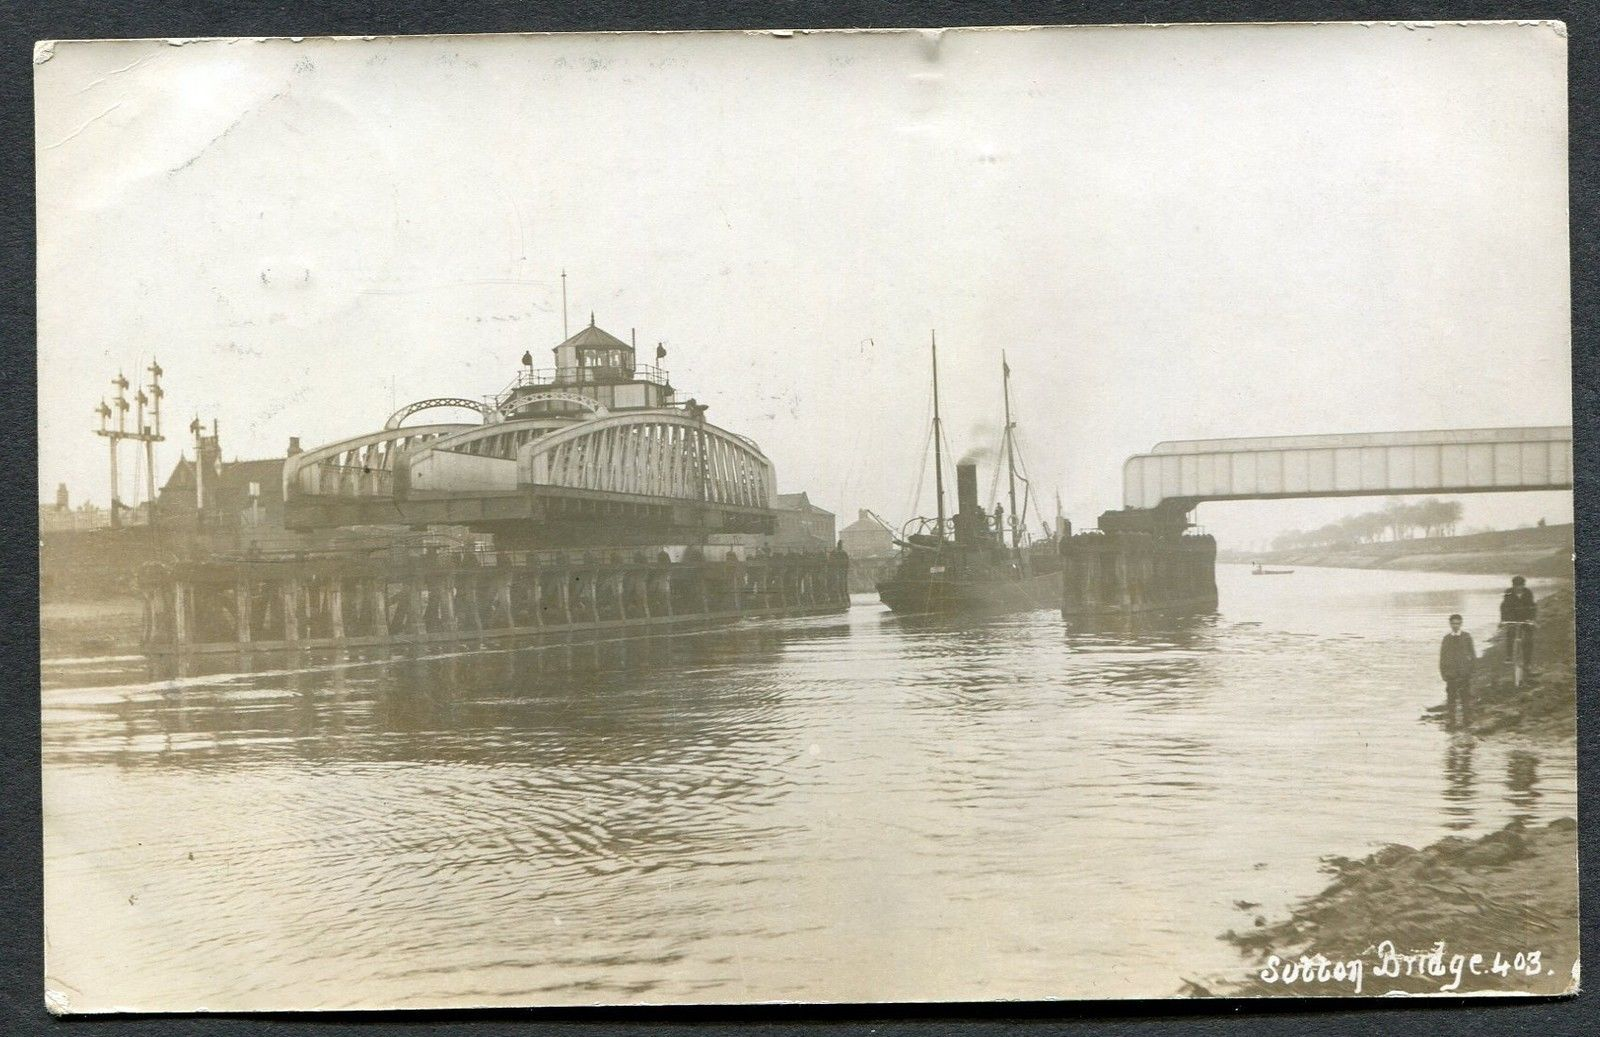 Sutton Bridge with boat passing through